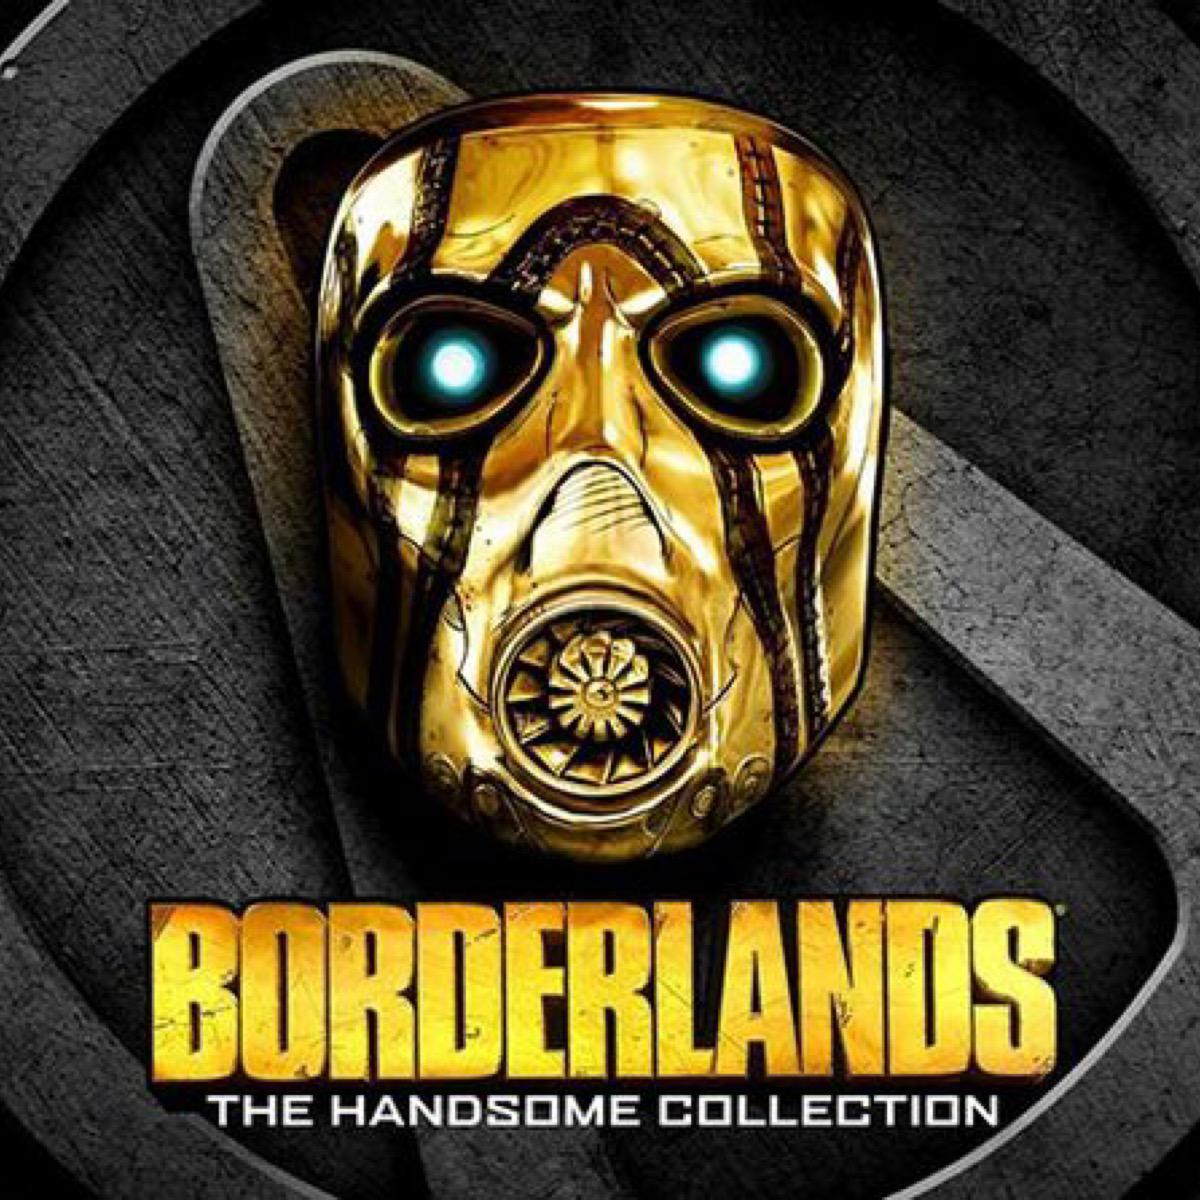 Borderlands The Handsome Bundle 83 Off 59 99 9 99 Discover Great Deals On Fantastic Apps Tech More Borderlands Borderlands The Handsome Collection Borderlands 3